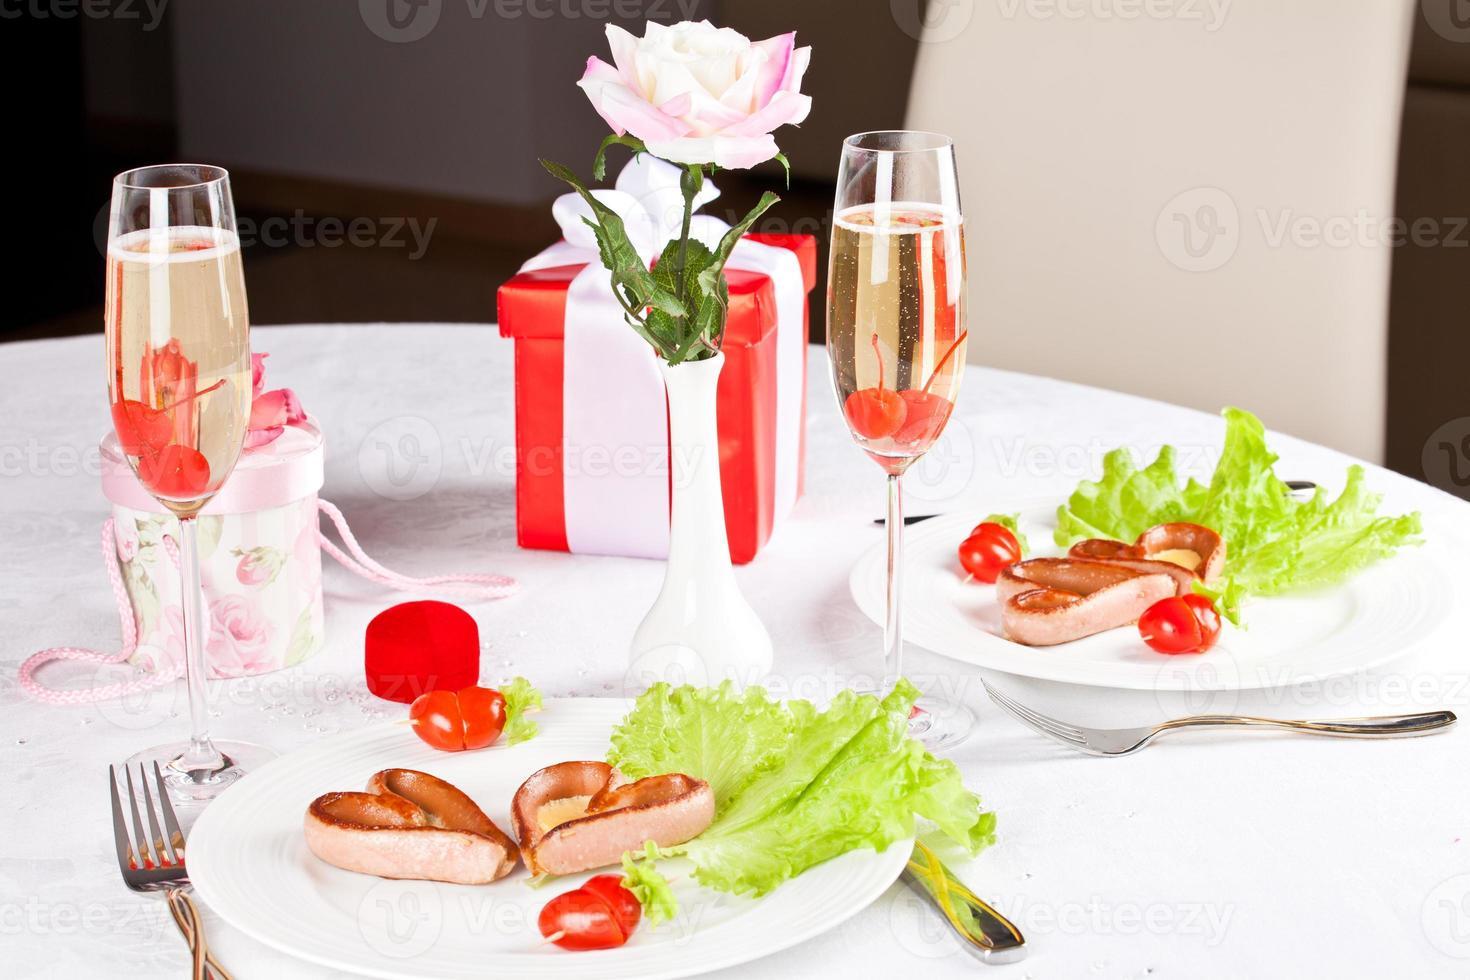 romantisk, kreativ frukost. foto